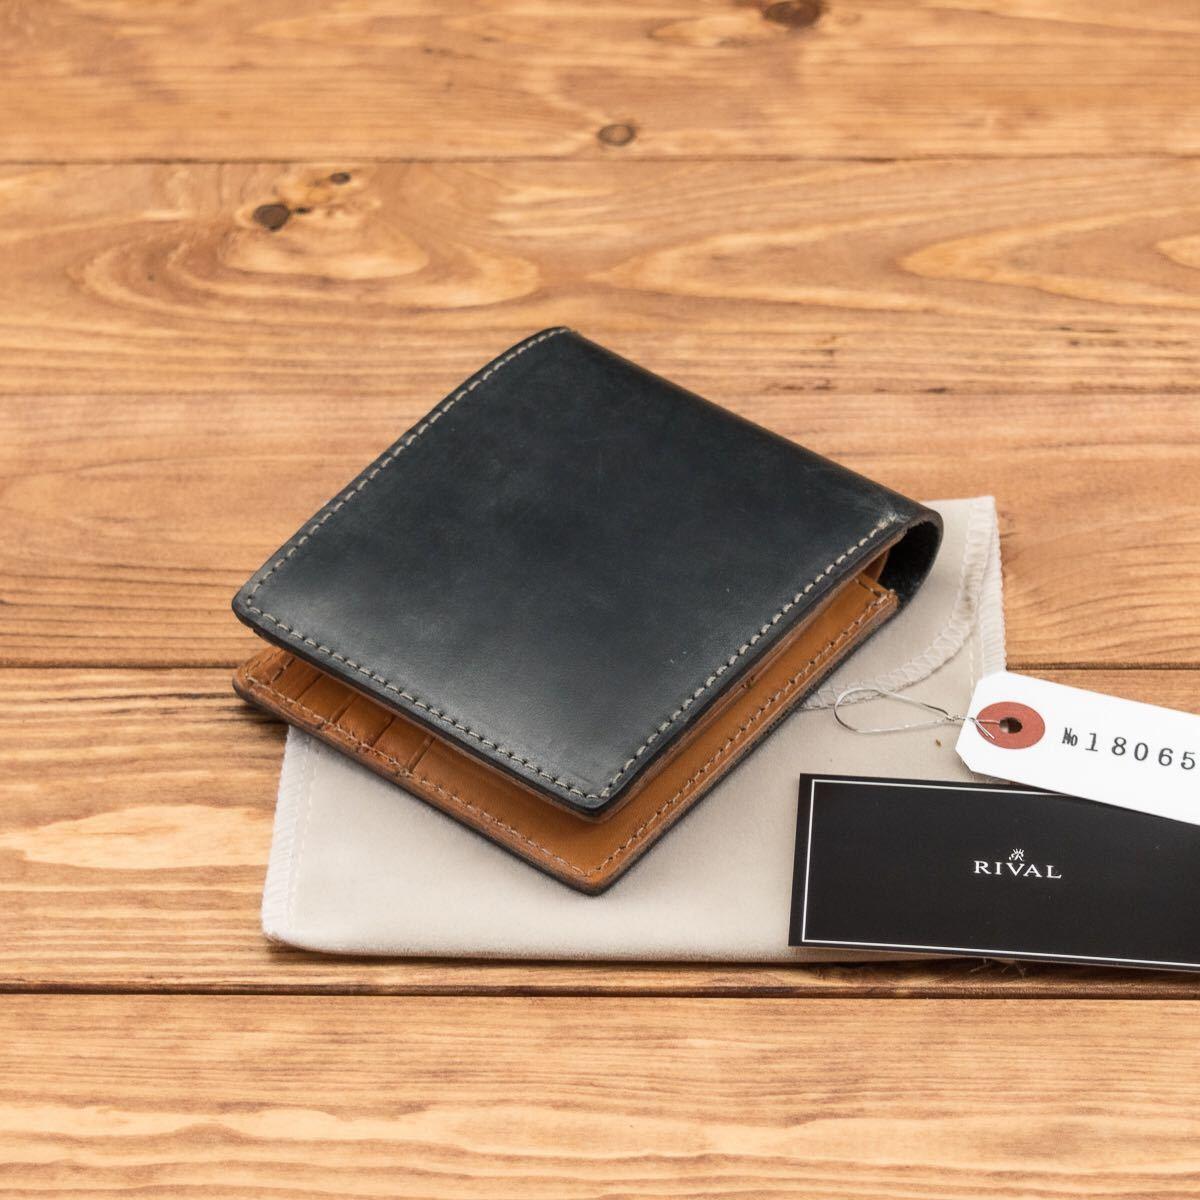 【ロウ漬け】フルグレイン ブライドルレザー 二つ折り 新品 未使用 送料無料 1円 匠 本革 レザー メンズ 財布 二つ折り 紳士 ビジネス